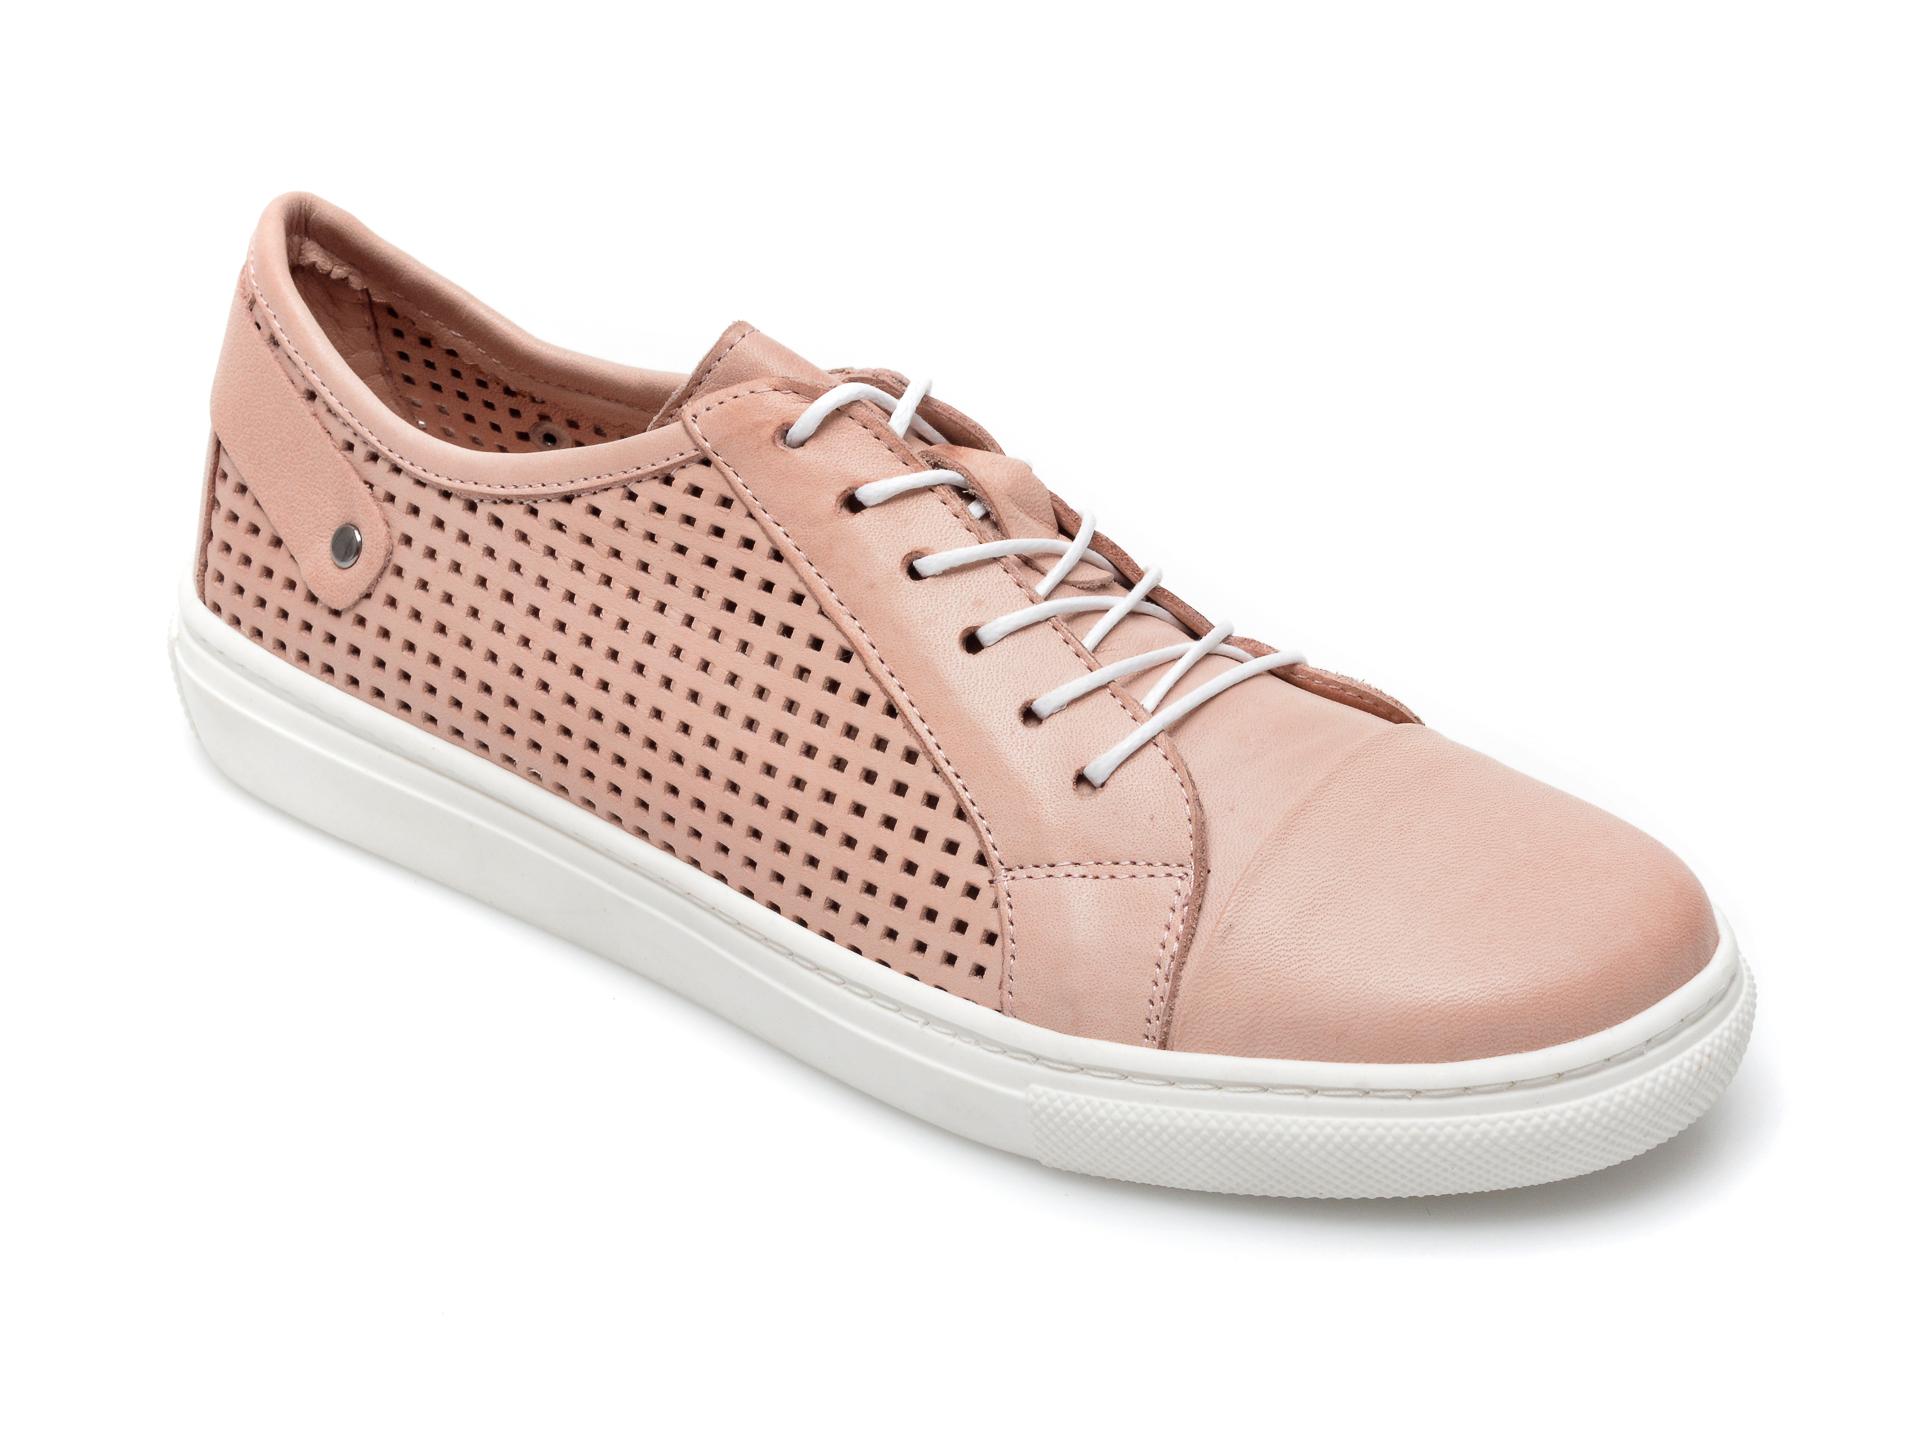 Pantofi Baboos Roz, R12, Din Piele Naturala